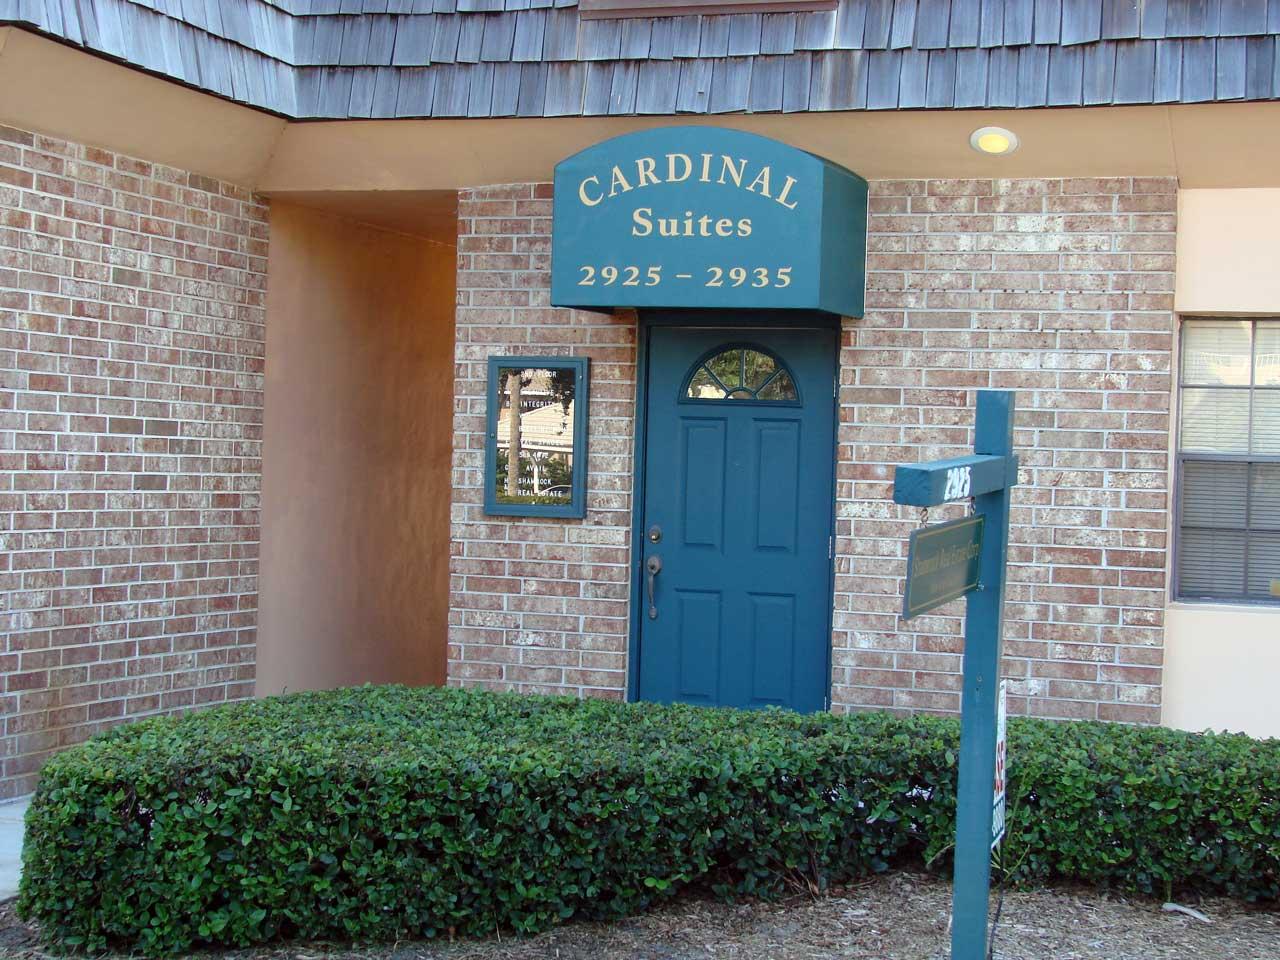 Cardinal Suites